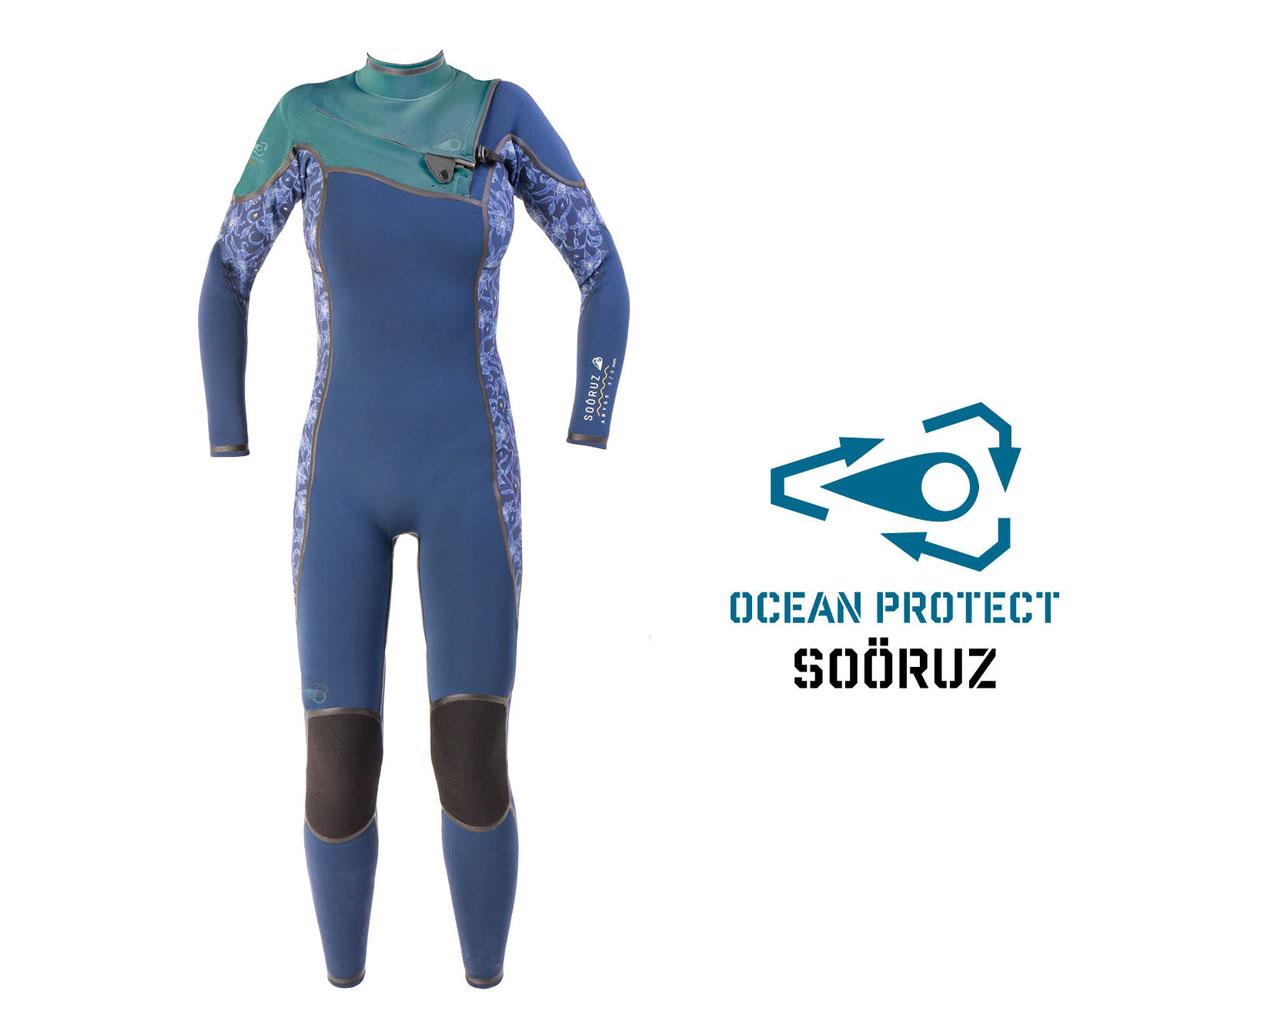 Sooruz FW20/21 Wetsuit Preview